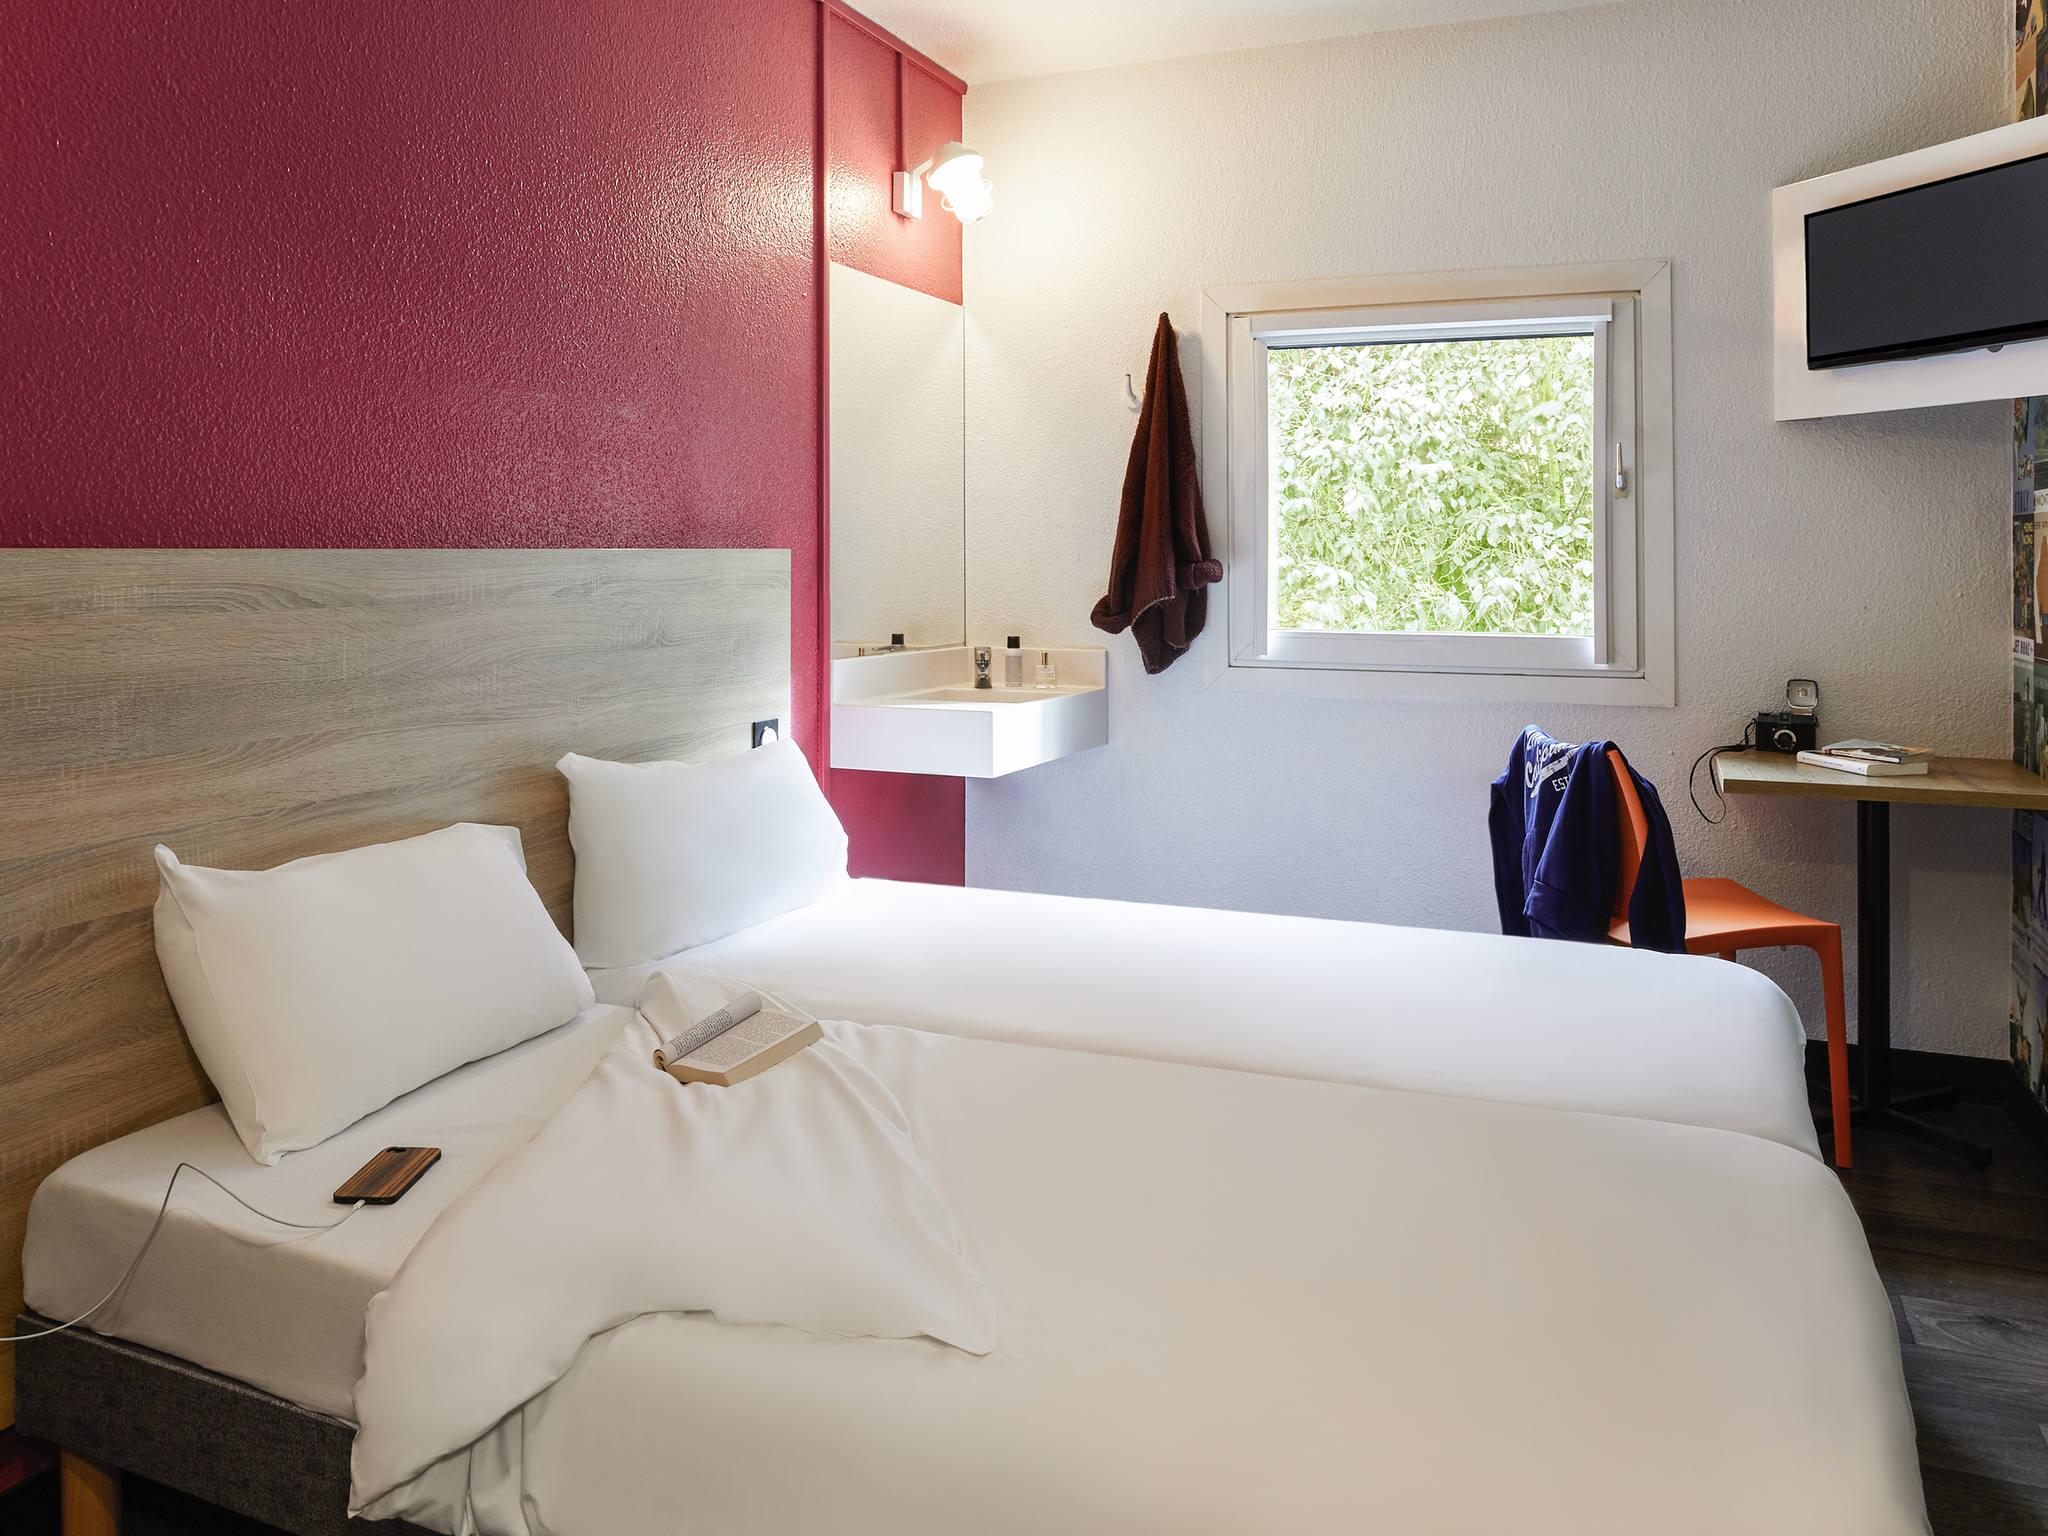 Hotel In Villepinte Hotelf1 Villepinte